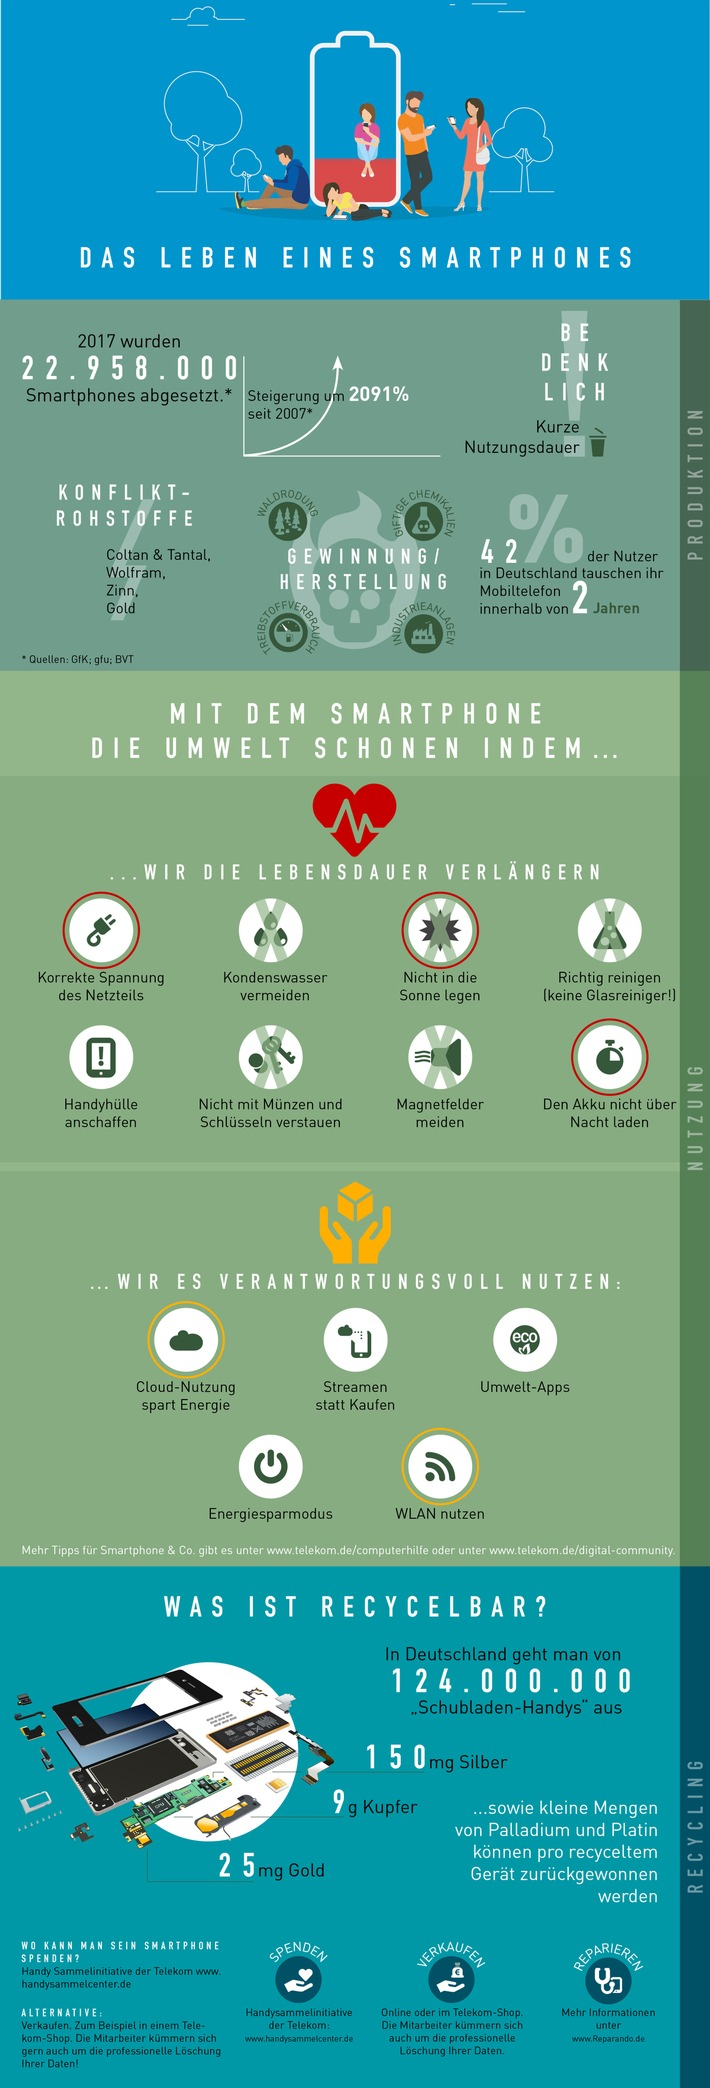 Smartphones - zum Wegwerfen viel zu schade